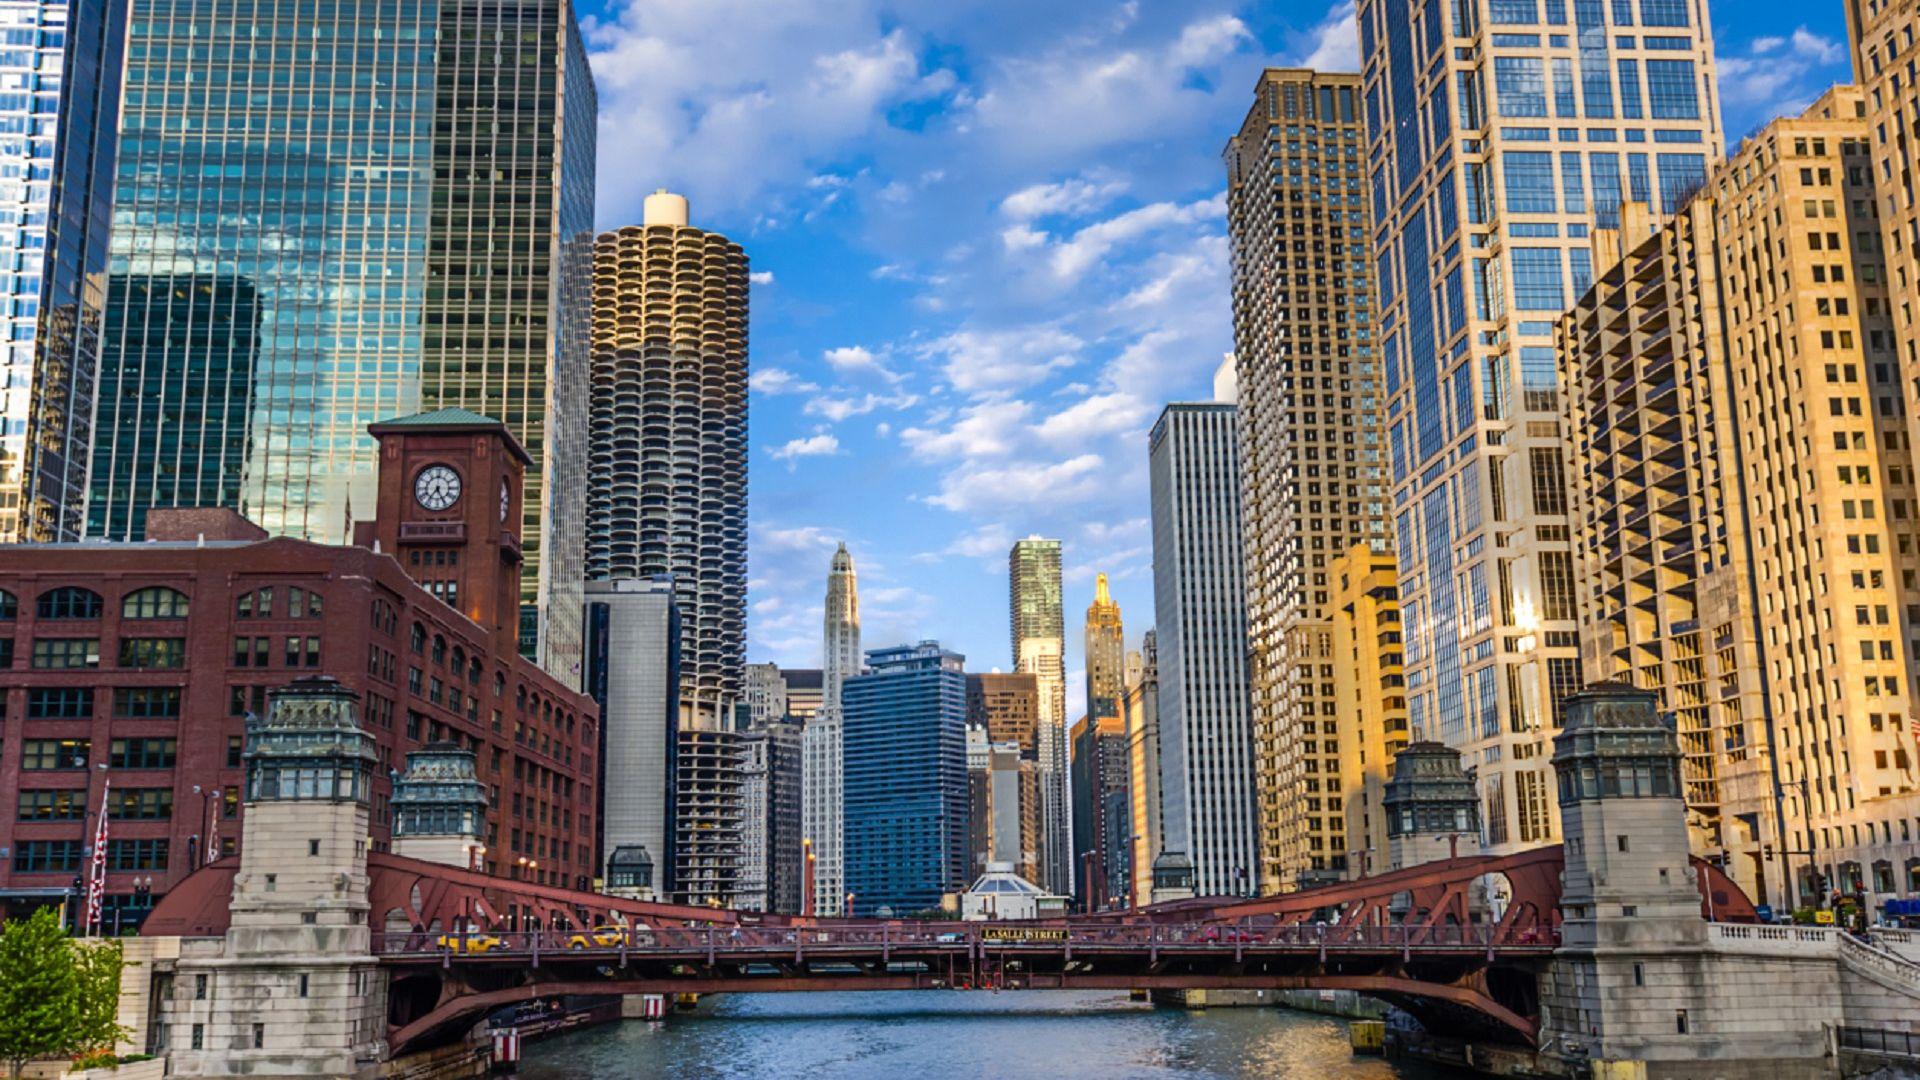 |Este verano, salga y descubra sus historias en Chicago mientras crea nuevos recuerdos familiares. | Reserve ahora